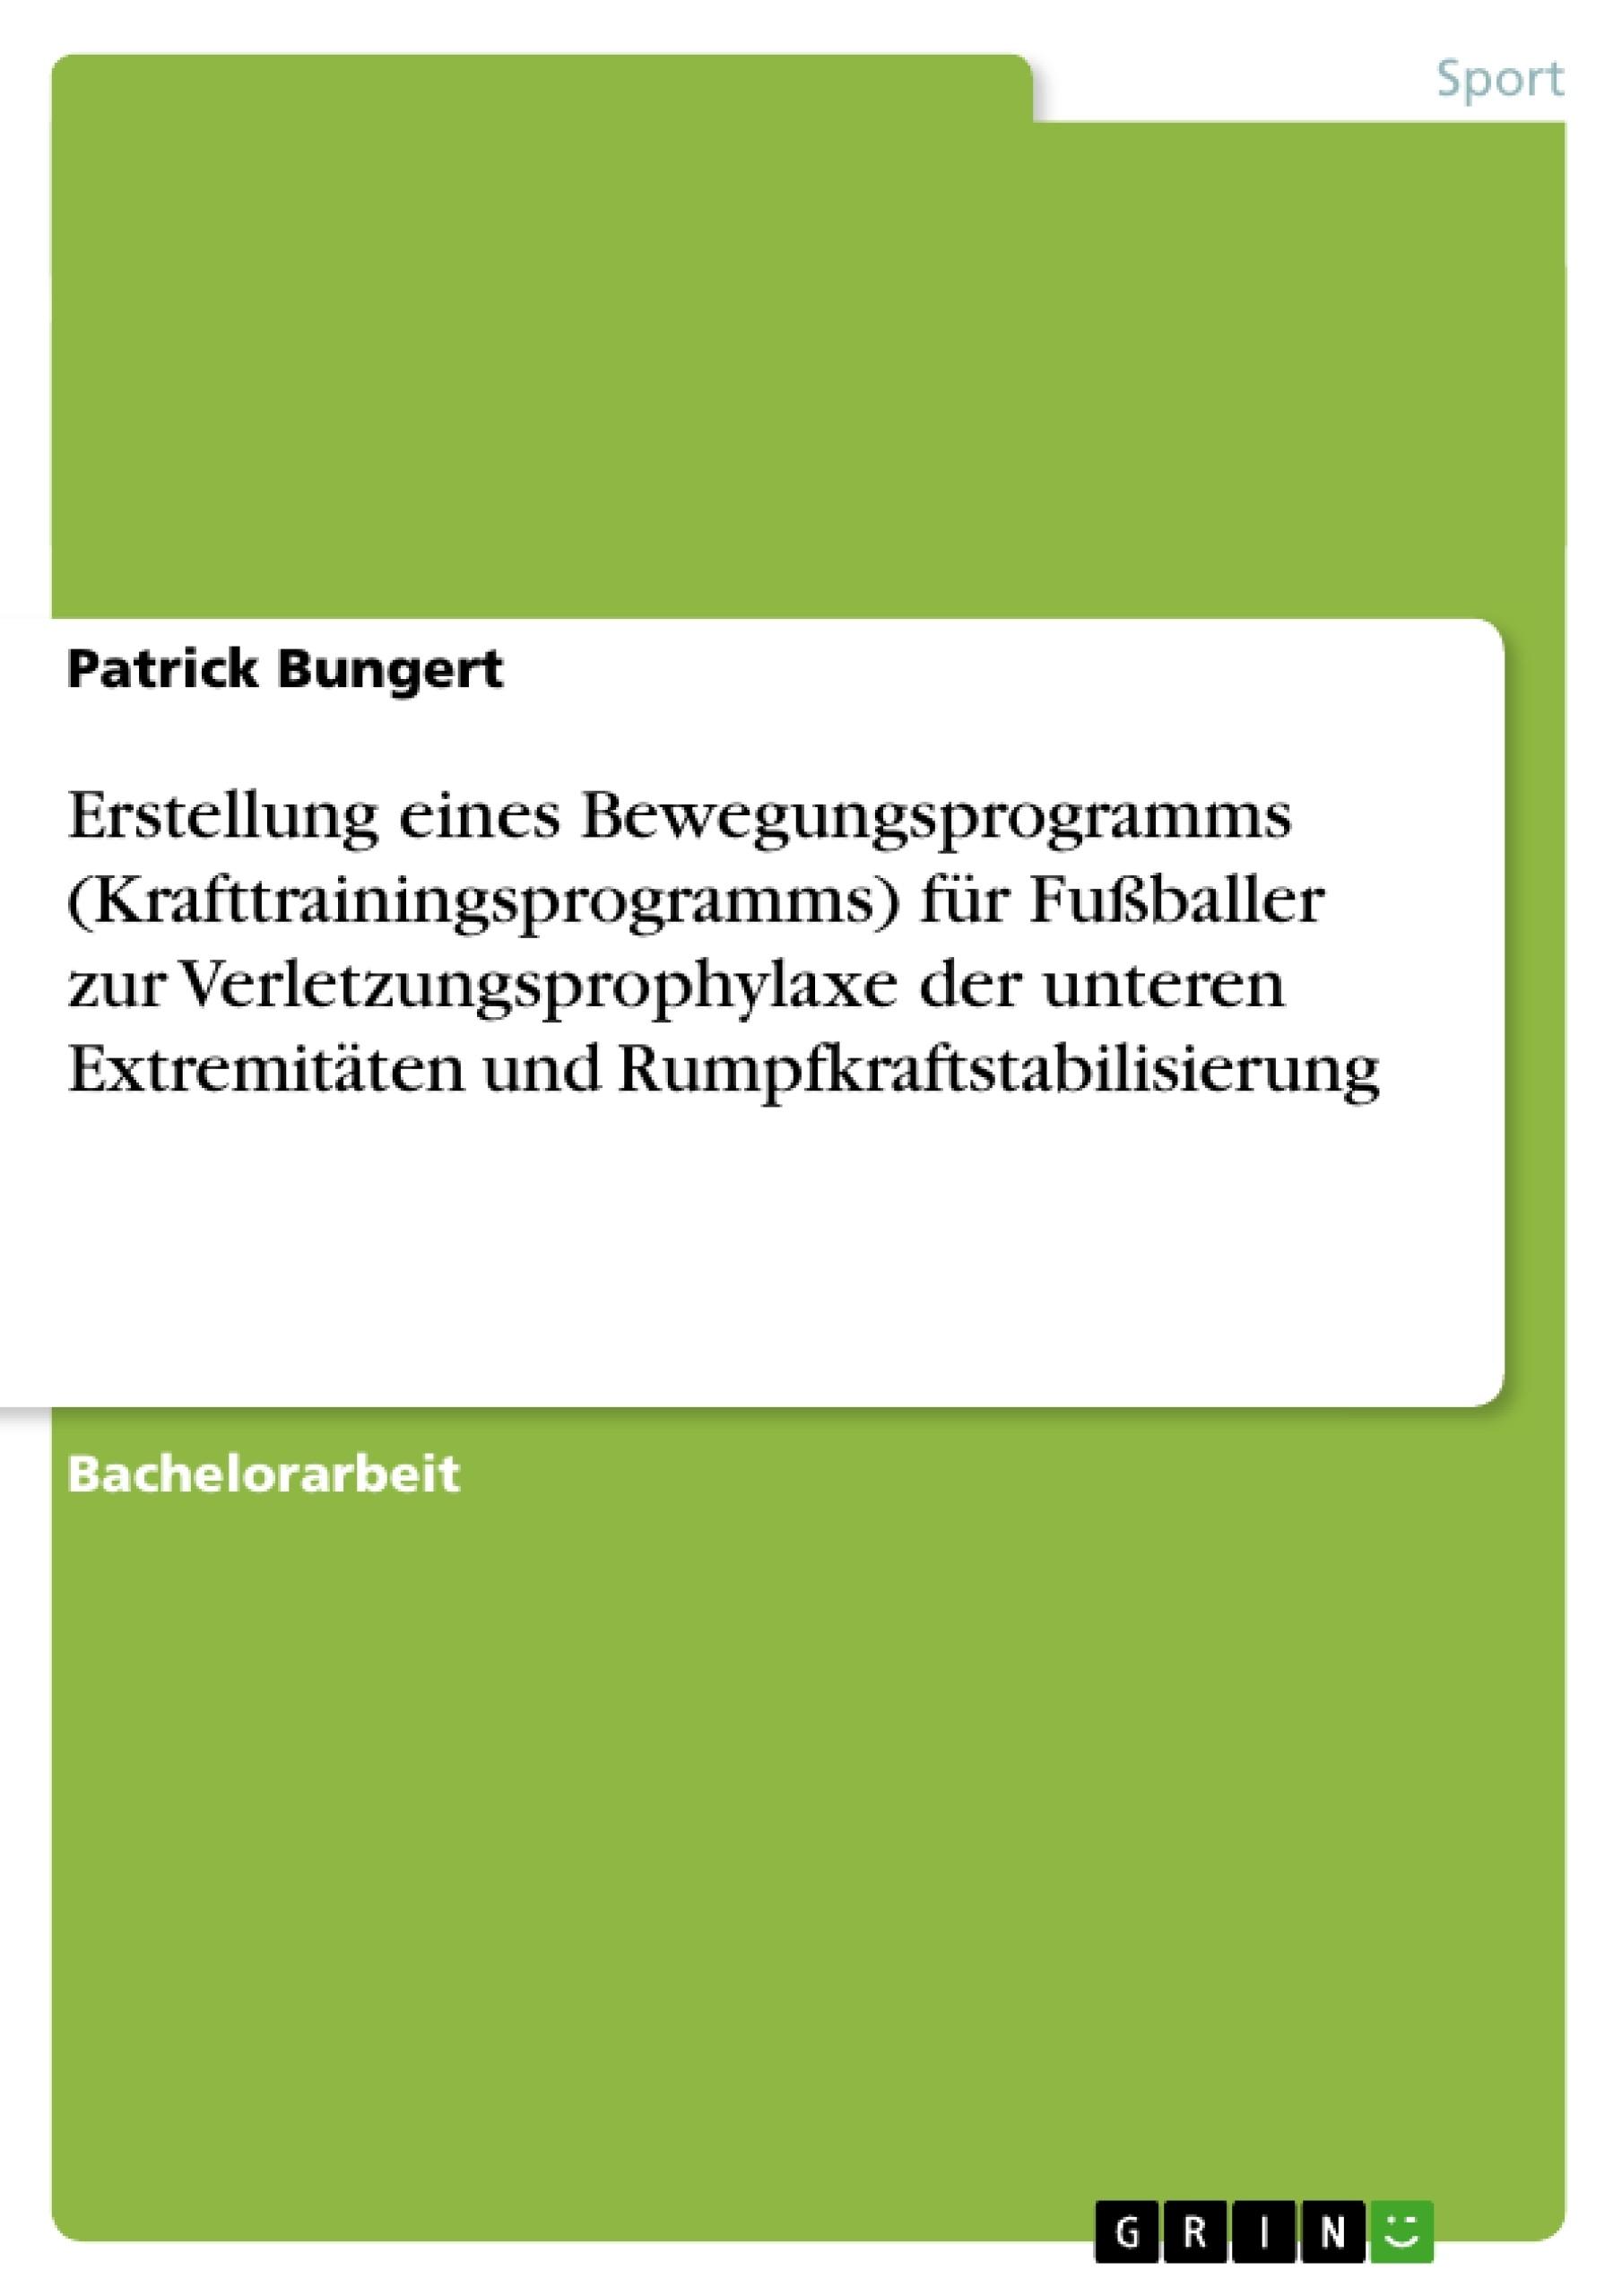 Titel: Erstellung eines Bewegungsprogramms (Krafttrainingsprogramms) für Fußballer zur Verletzungsprophylaxe der unteren Extremitäten und Rumpfkraftstabilisierung